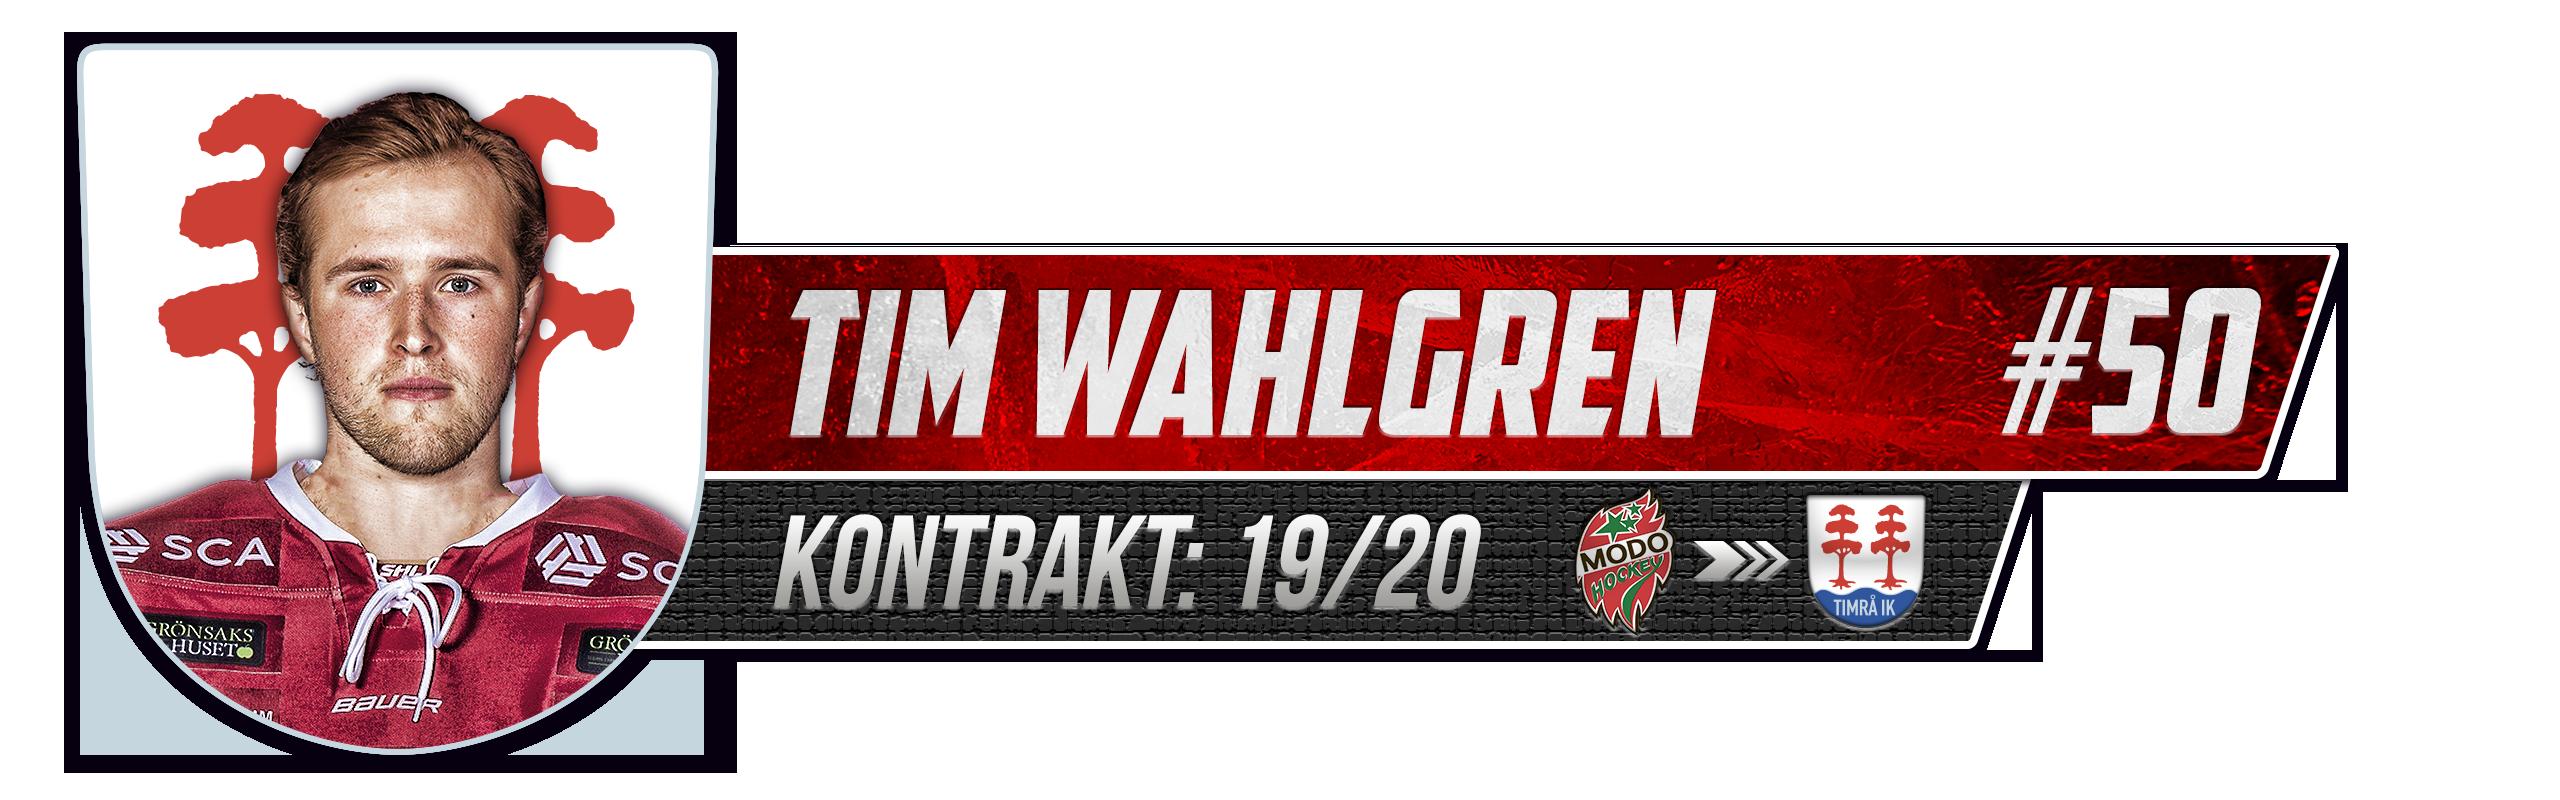 Tim Wahlgren